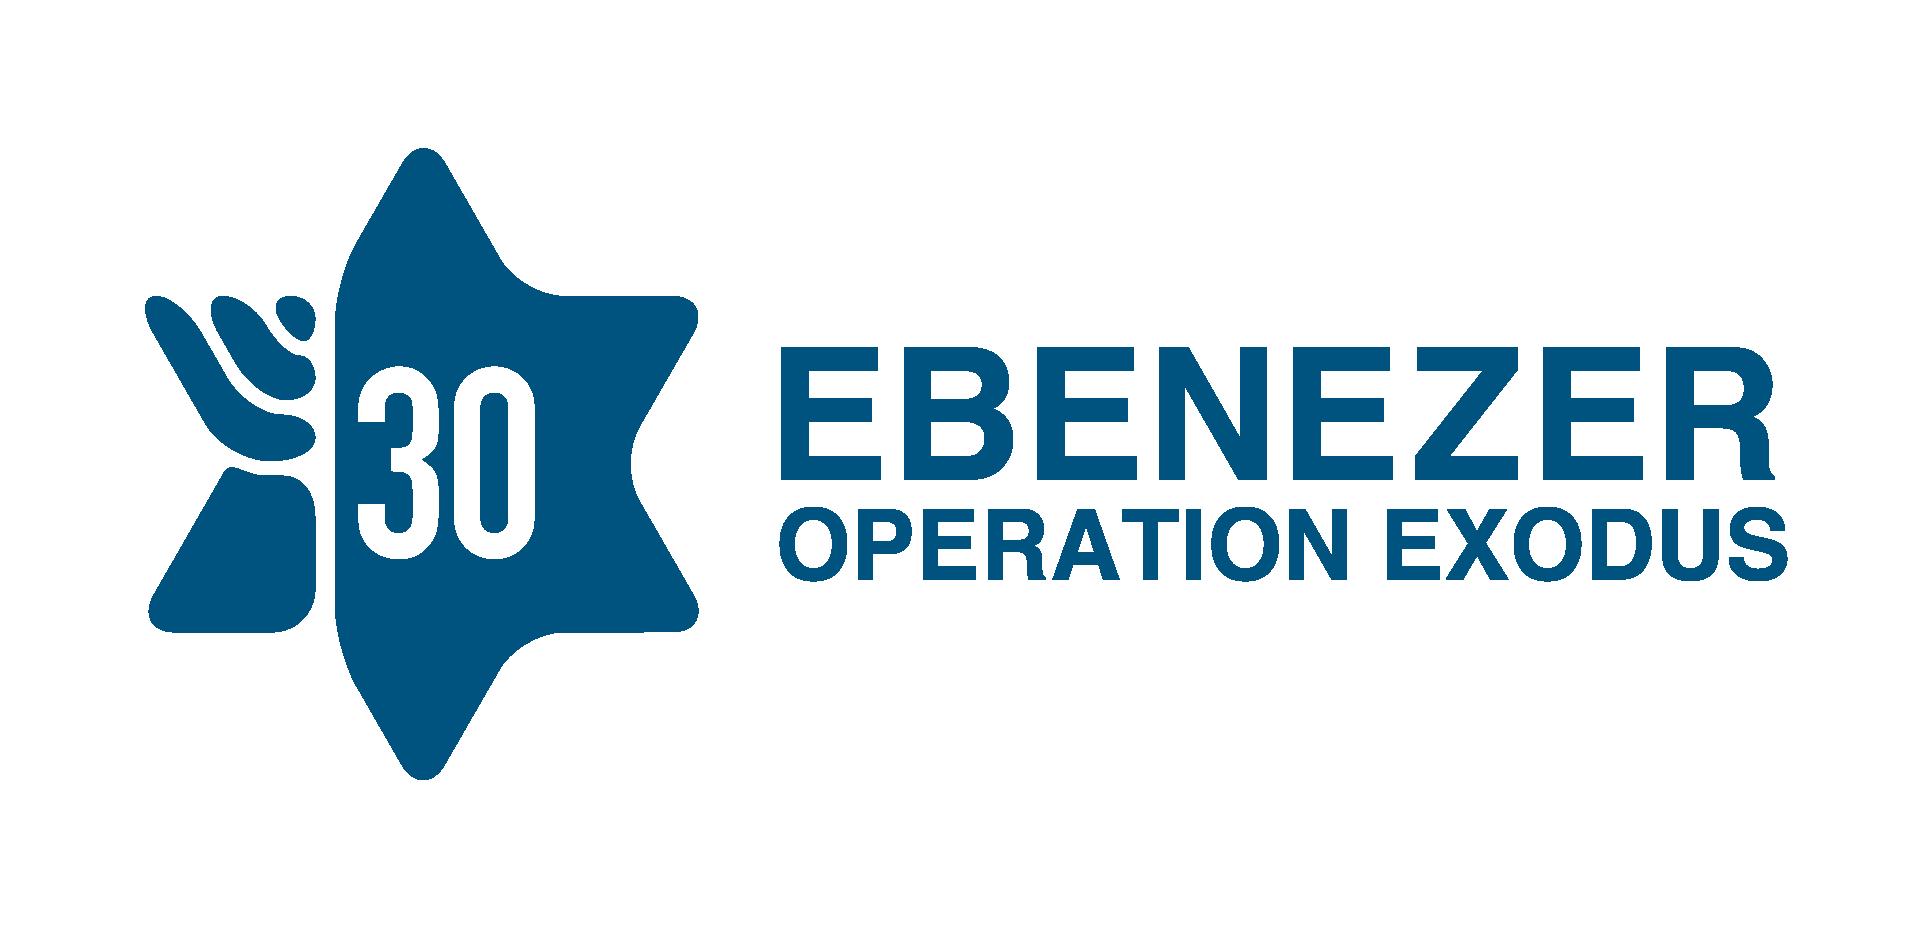 Ebenezer Operation Exodus